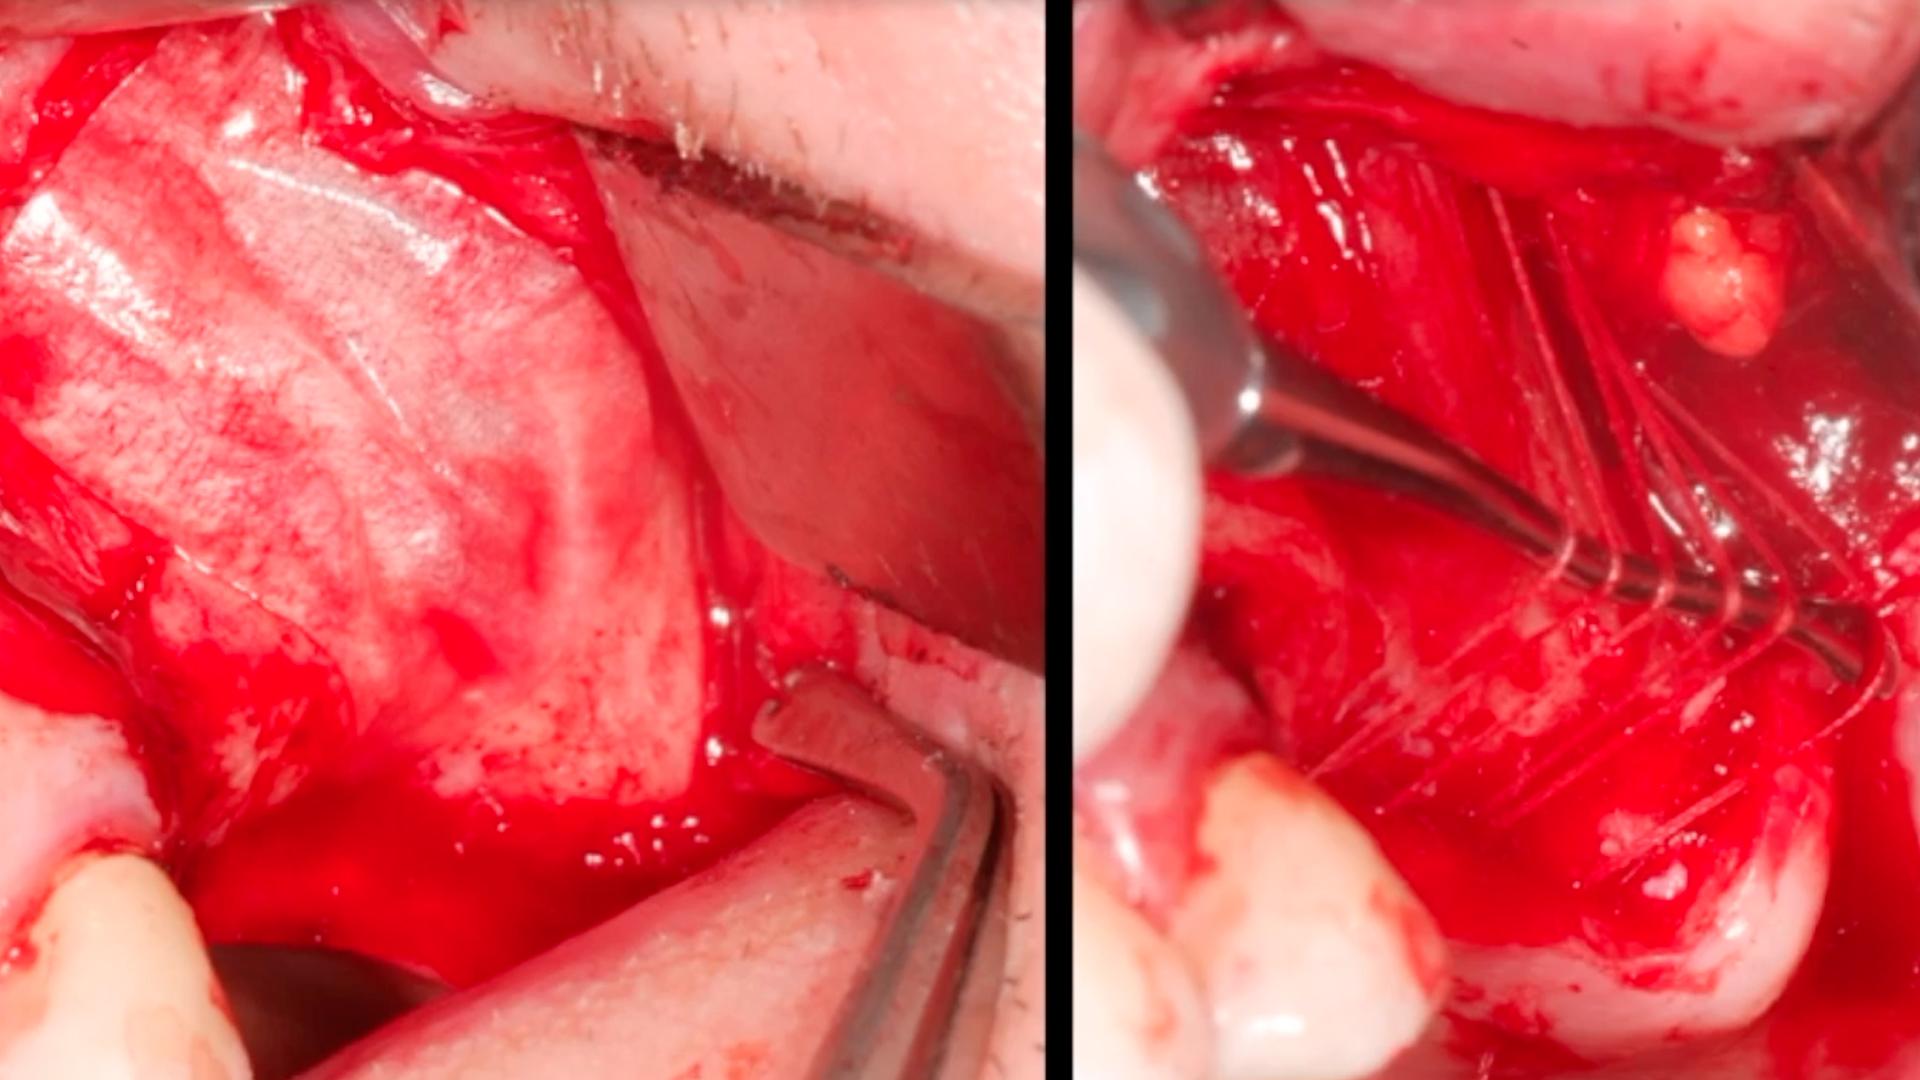 La masterclass de odontología Casos clínicos de elevación sinusal forma parte de nuestro catálogo de masterclass de Knotgroup Dental Institute